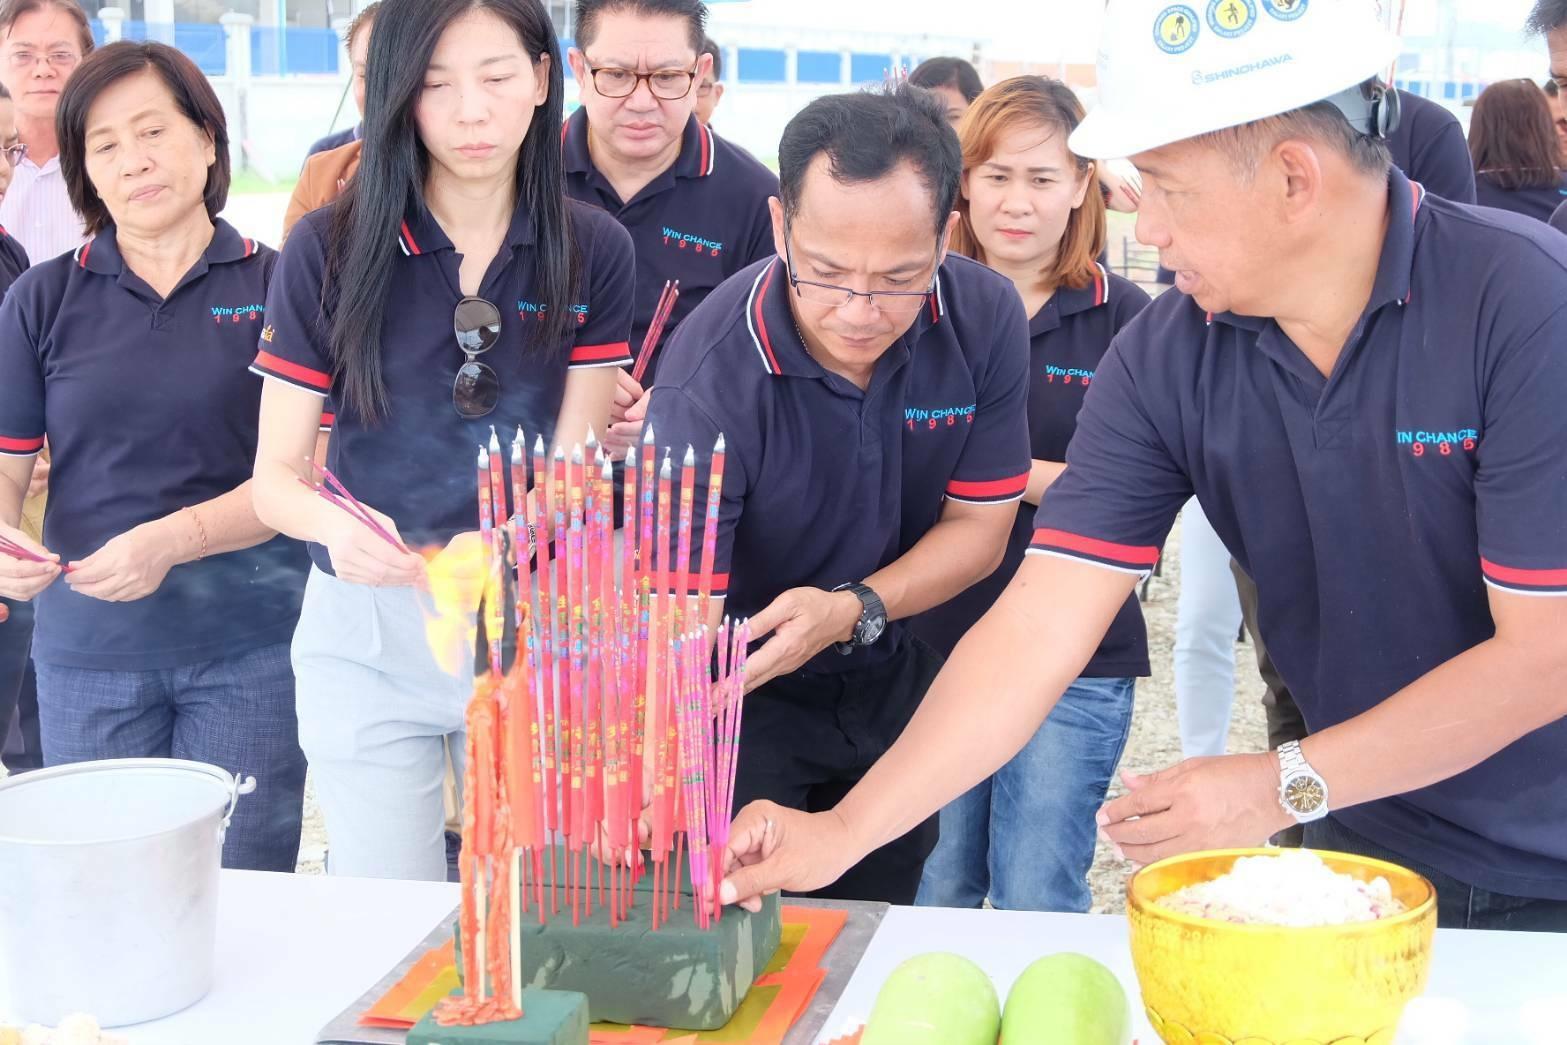 พิธีเปิดหน้าดินโรงงานใหม่ PLANT BANGPU